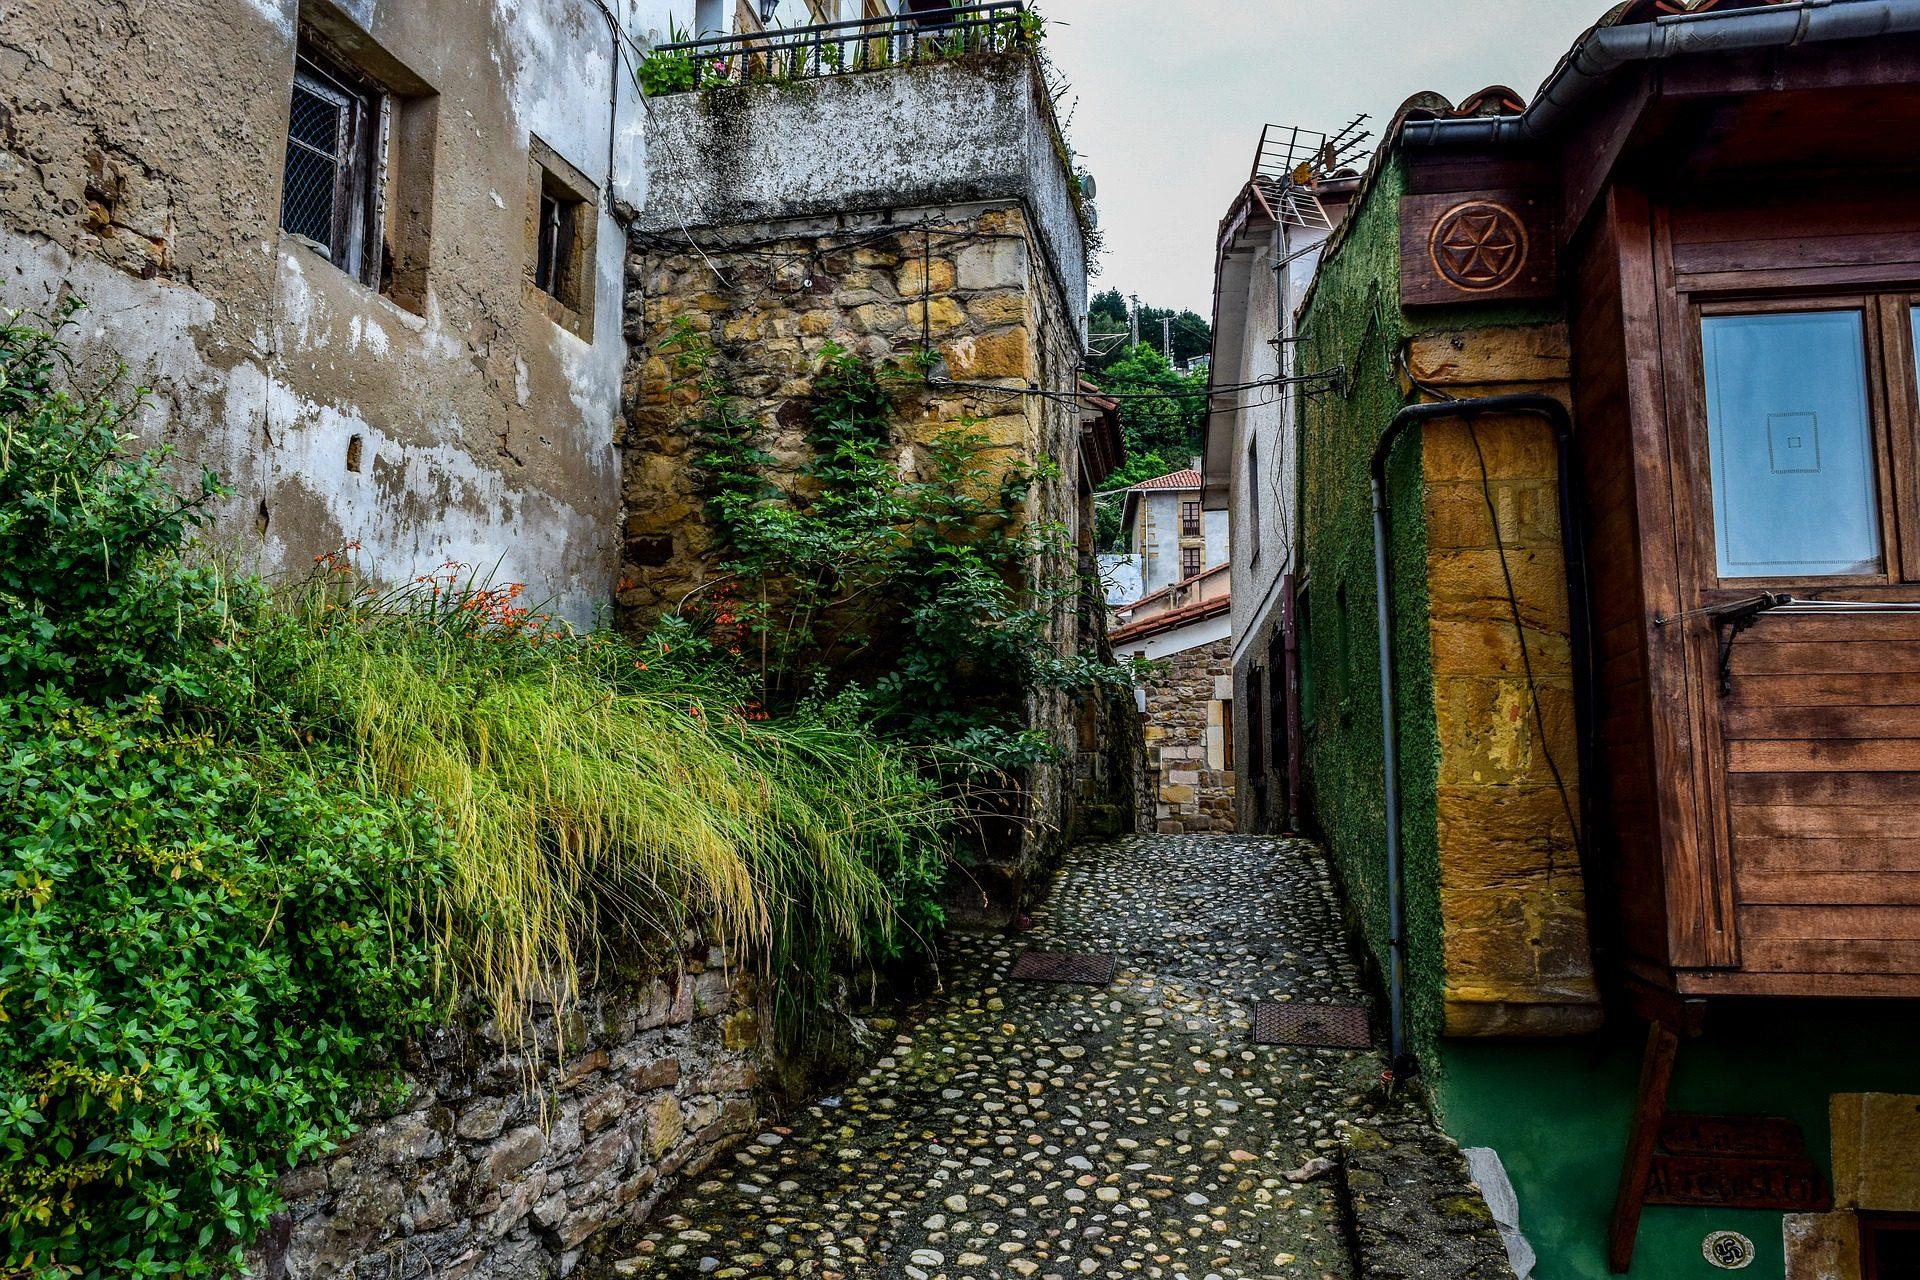 pueblo, casas, rural, callejuela, asturias - Fondos de Pantalla HD - professor-falken.com